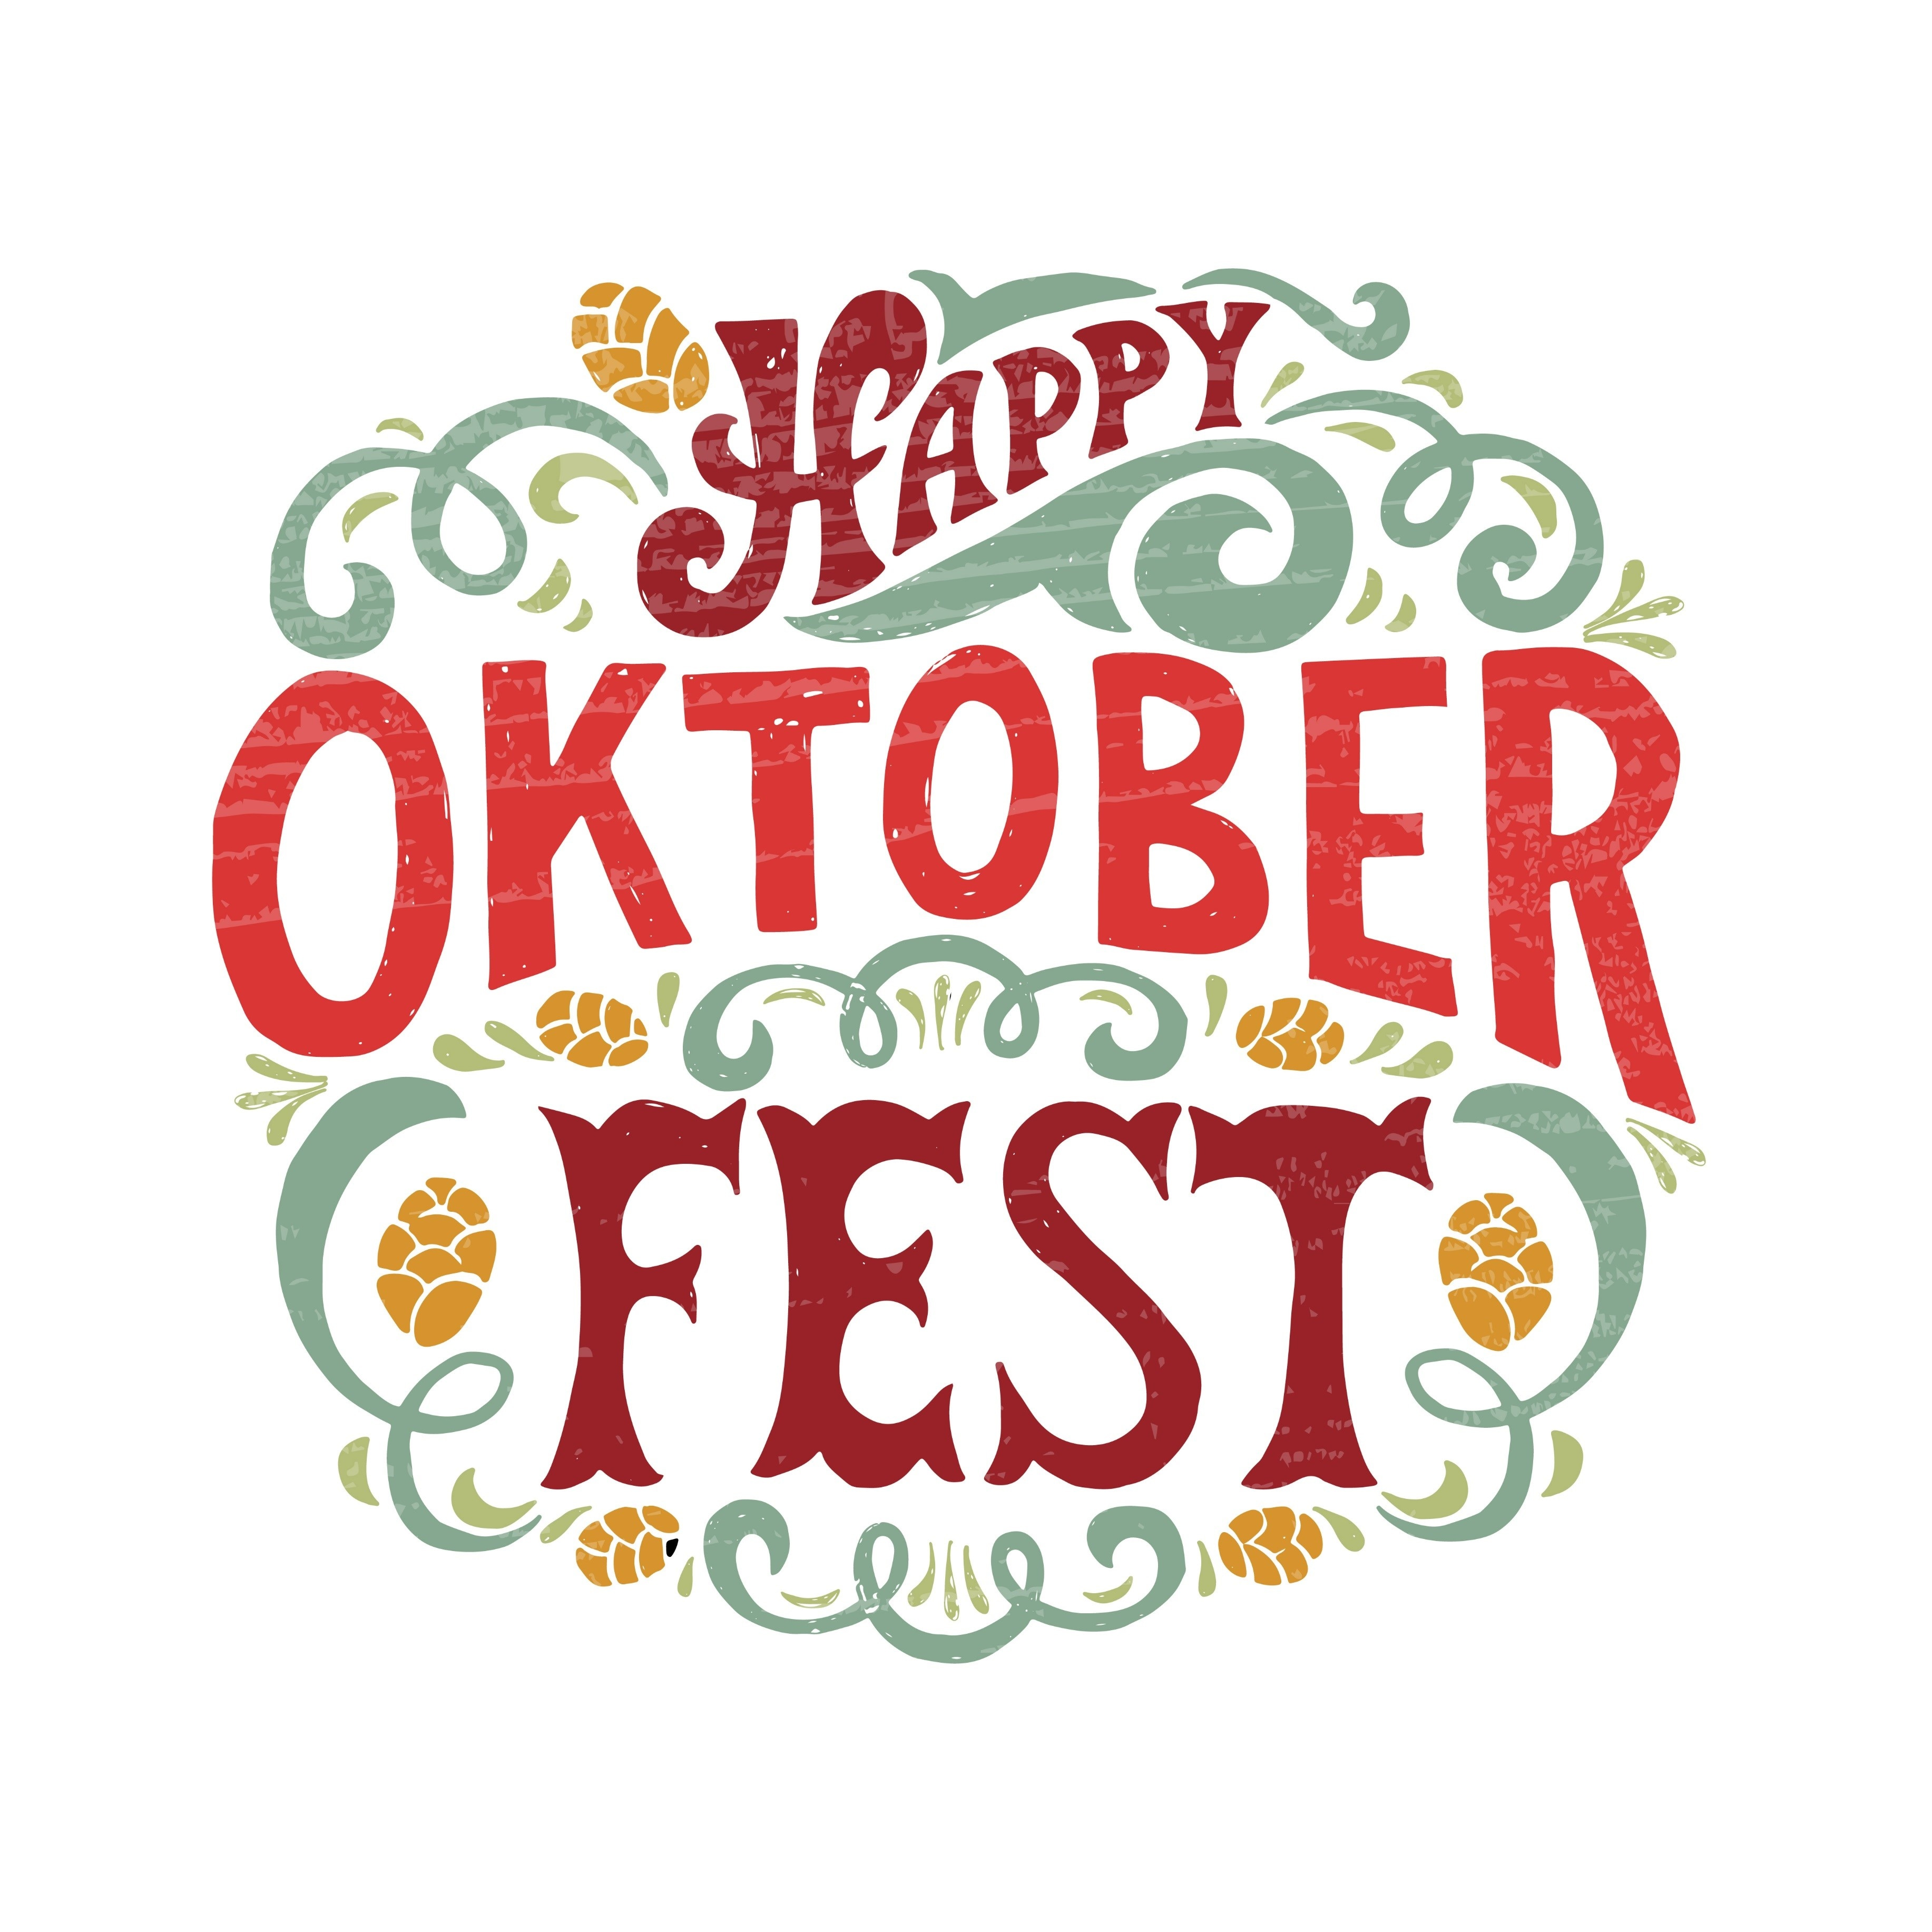 Oktoberfest Events Columbus Oh